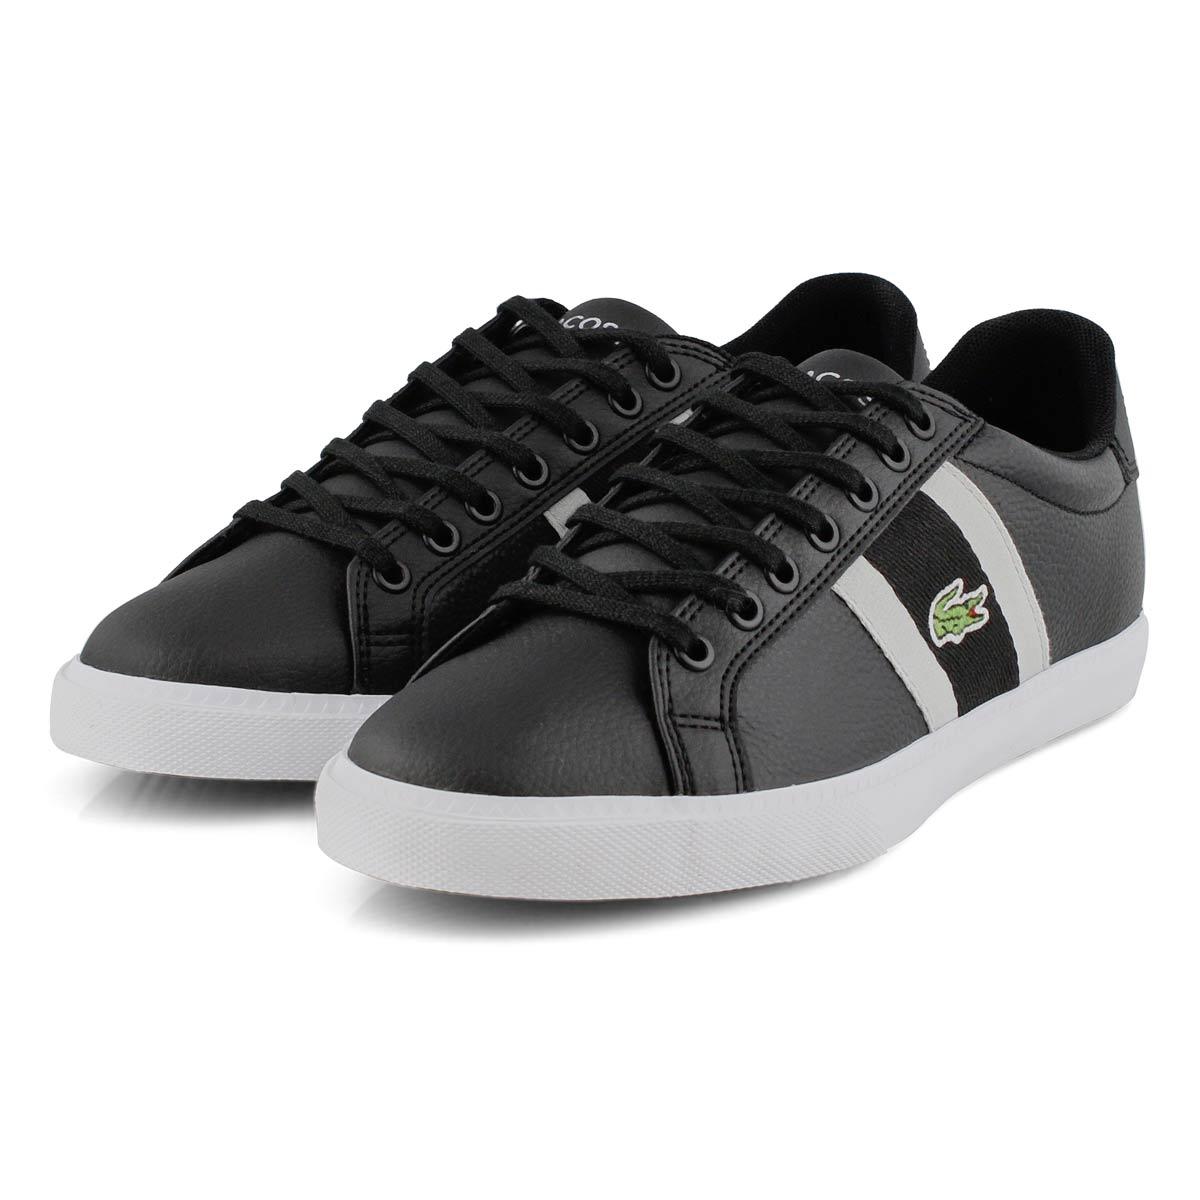 Women's Grad Vulc 120 Sneaker - Black/White